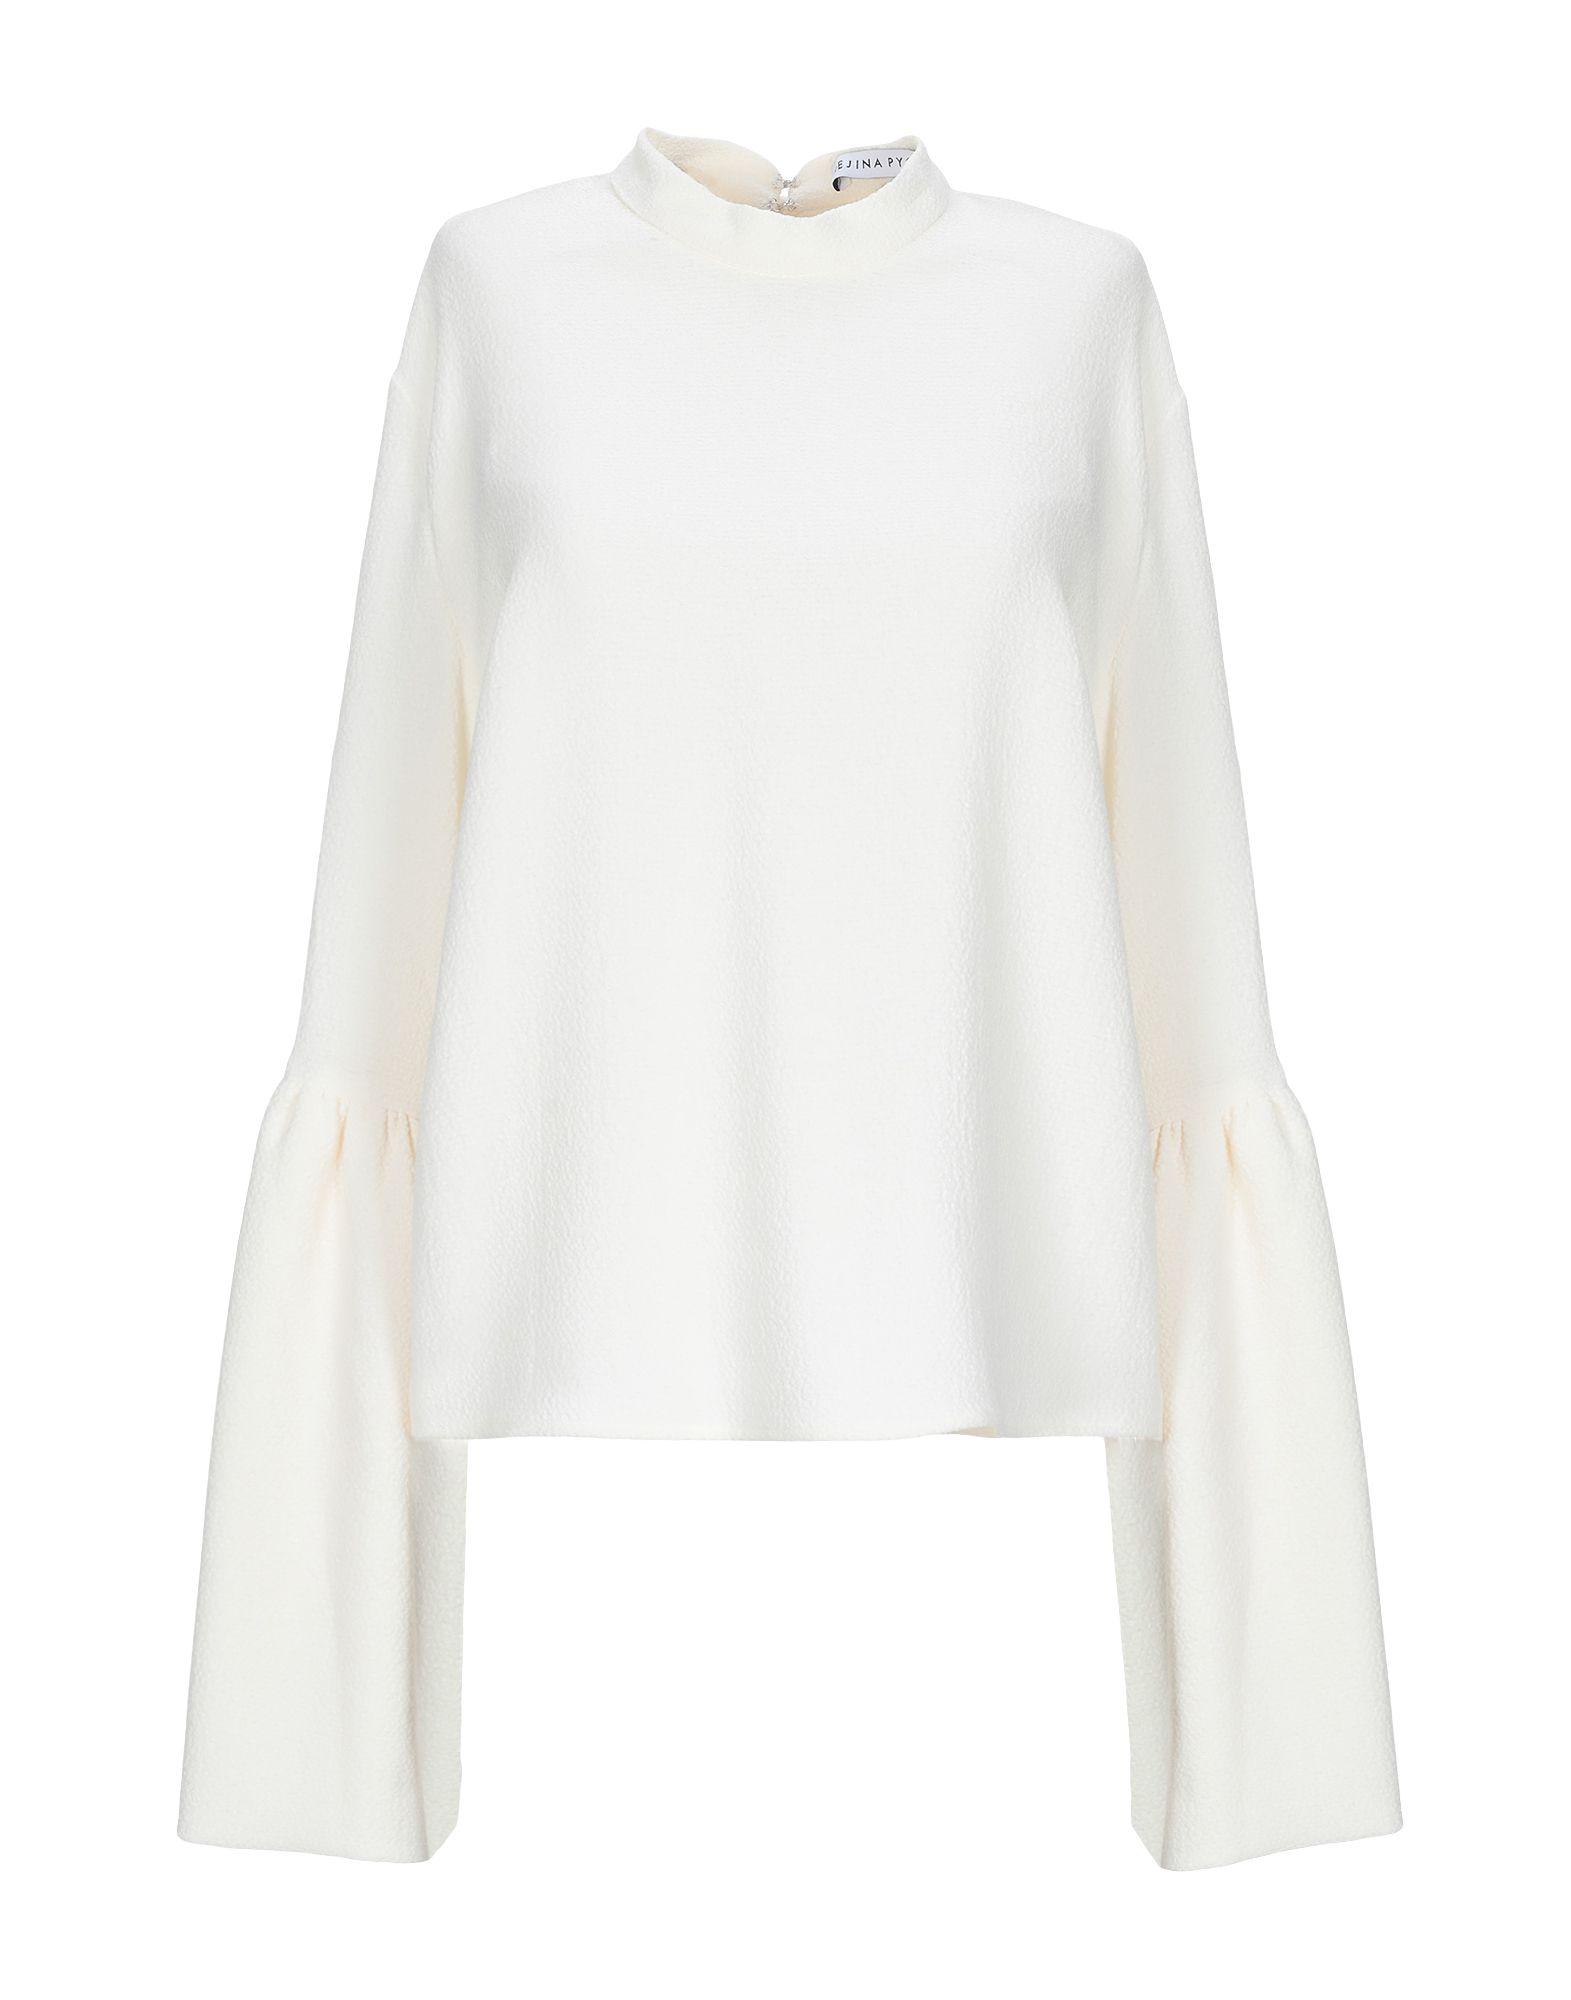 цены на REJINA PYO Блузка в интернет-магазинах